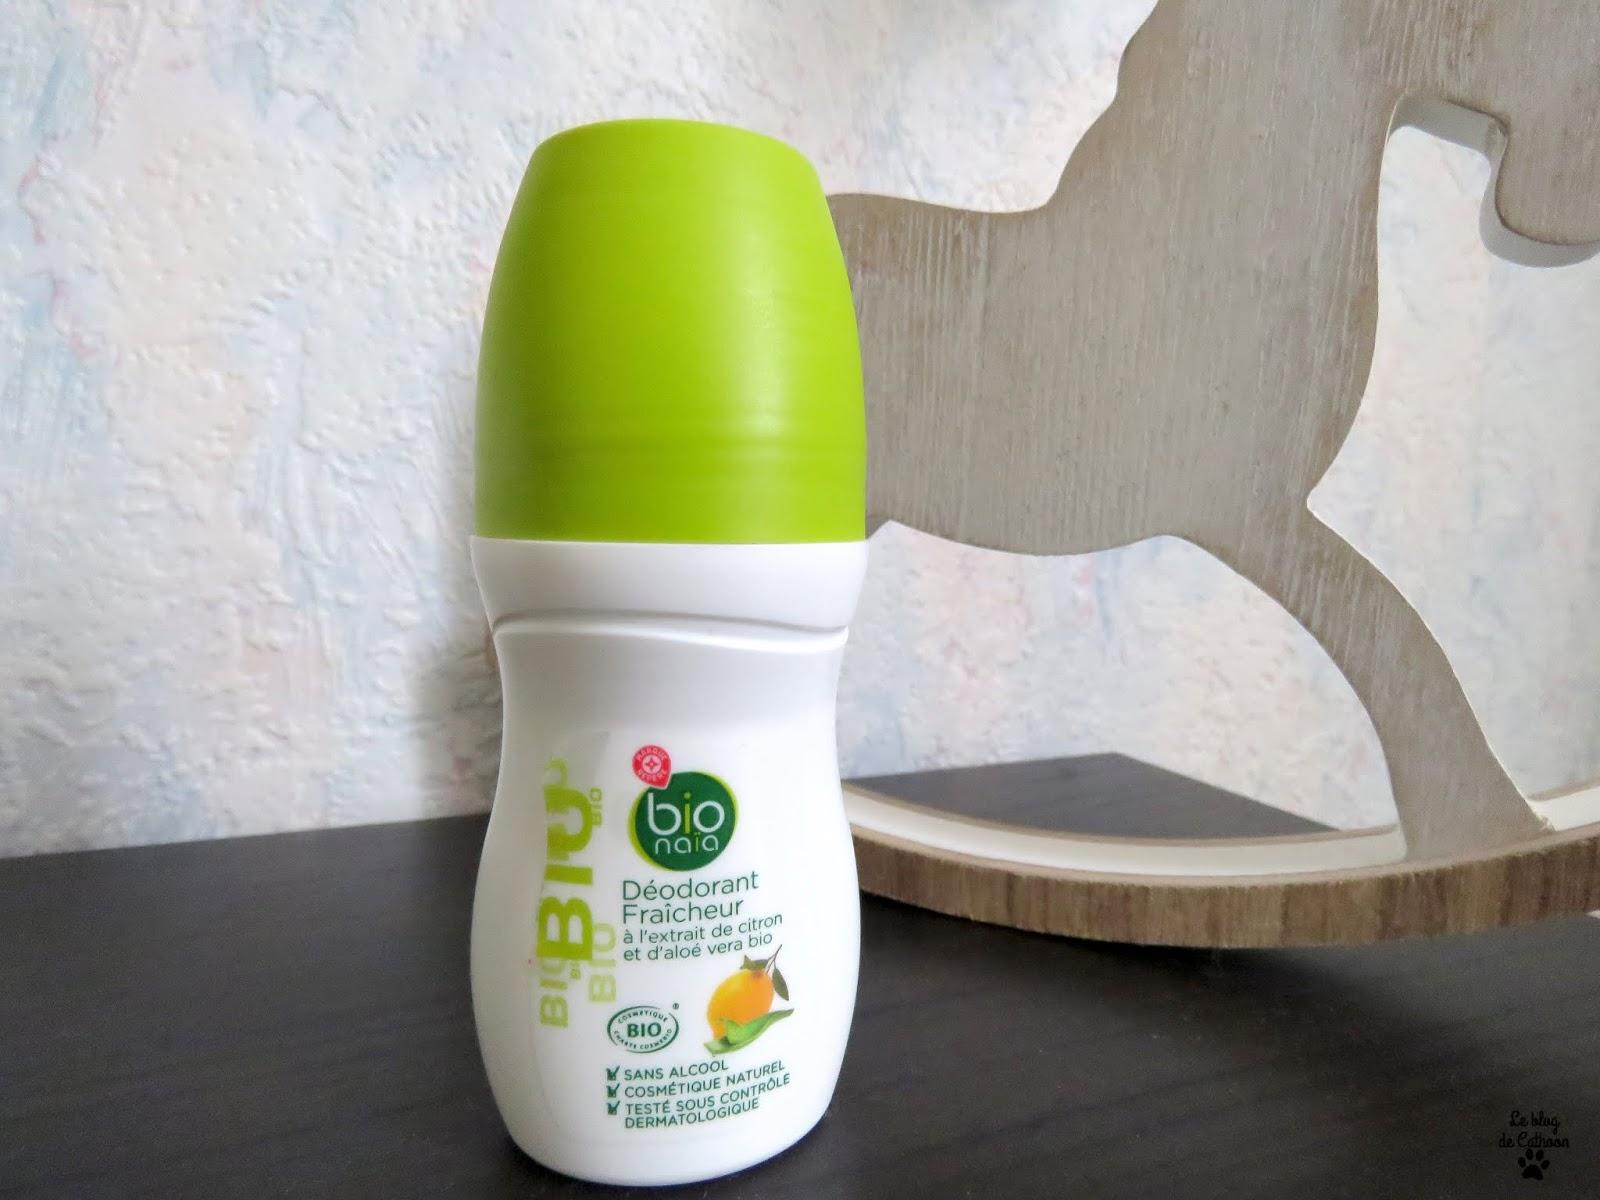 Déodorant Fraîcheur - Citron et Aloé Vera Bio - Bio Naïa (Leclerc)